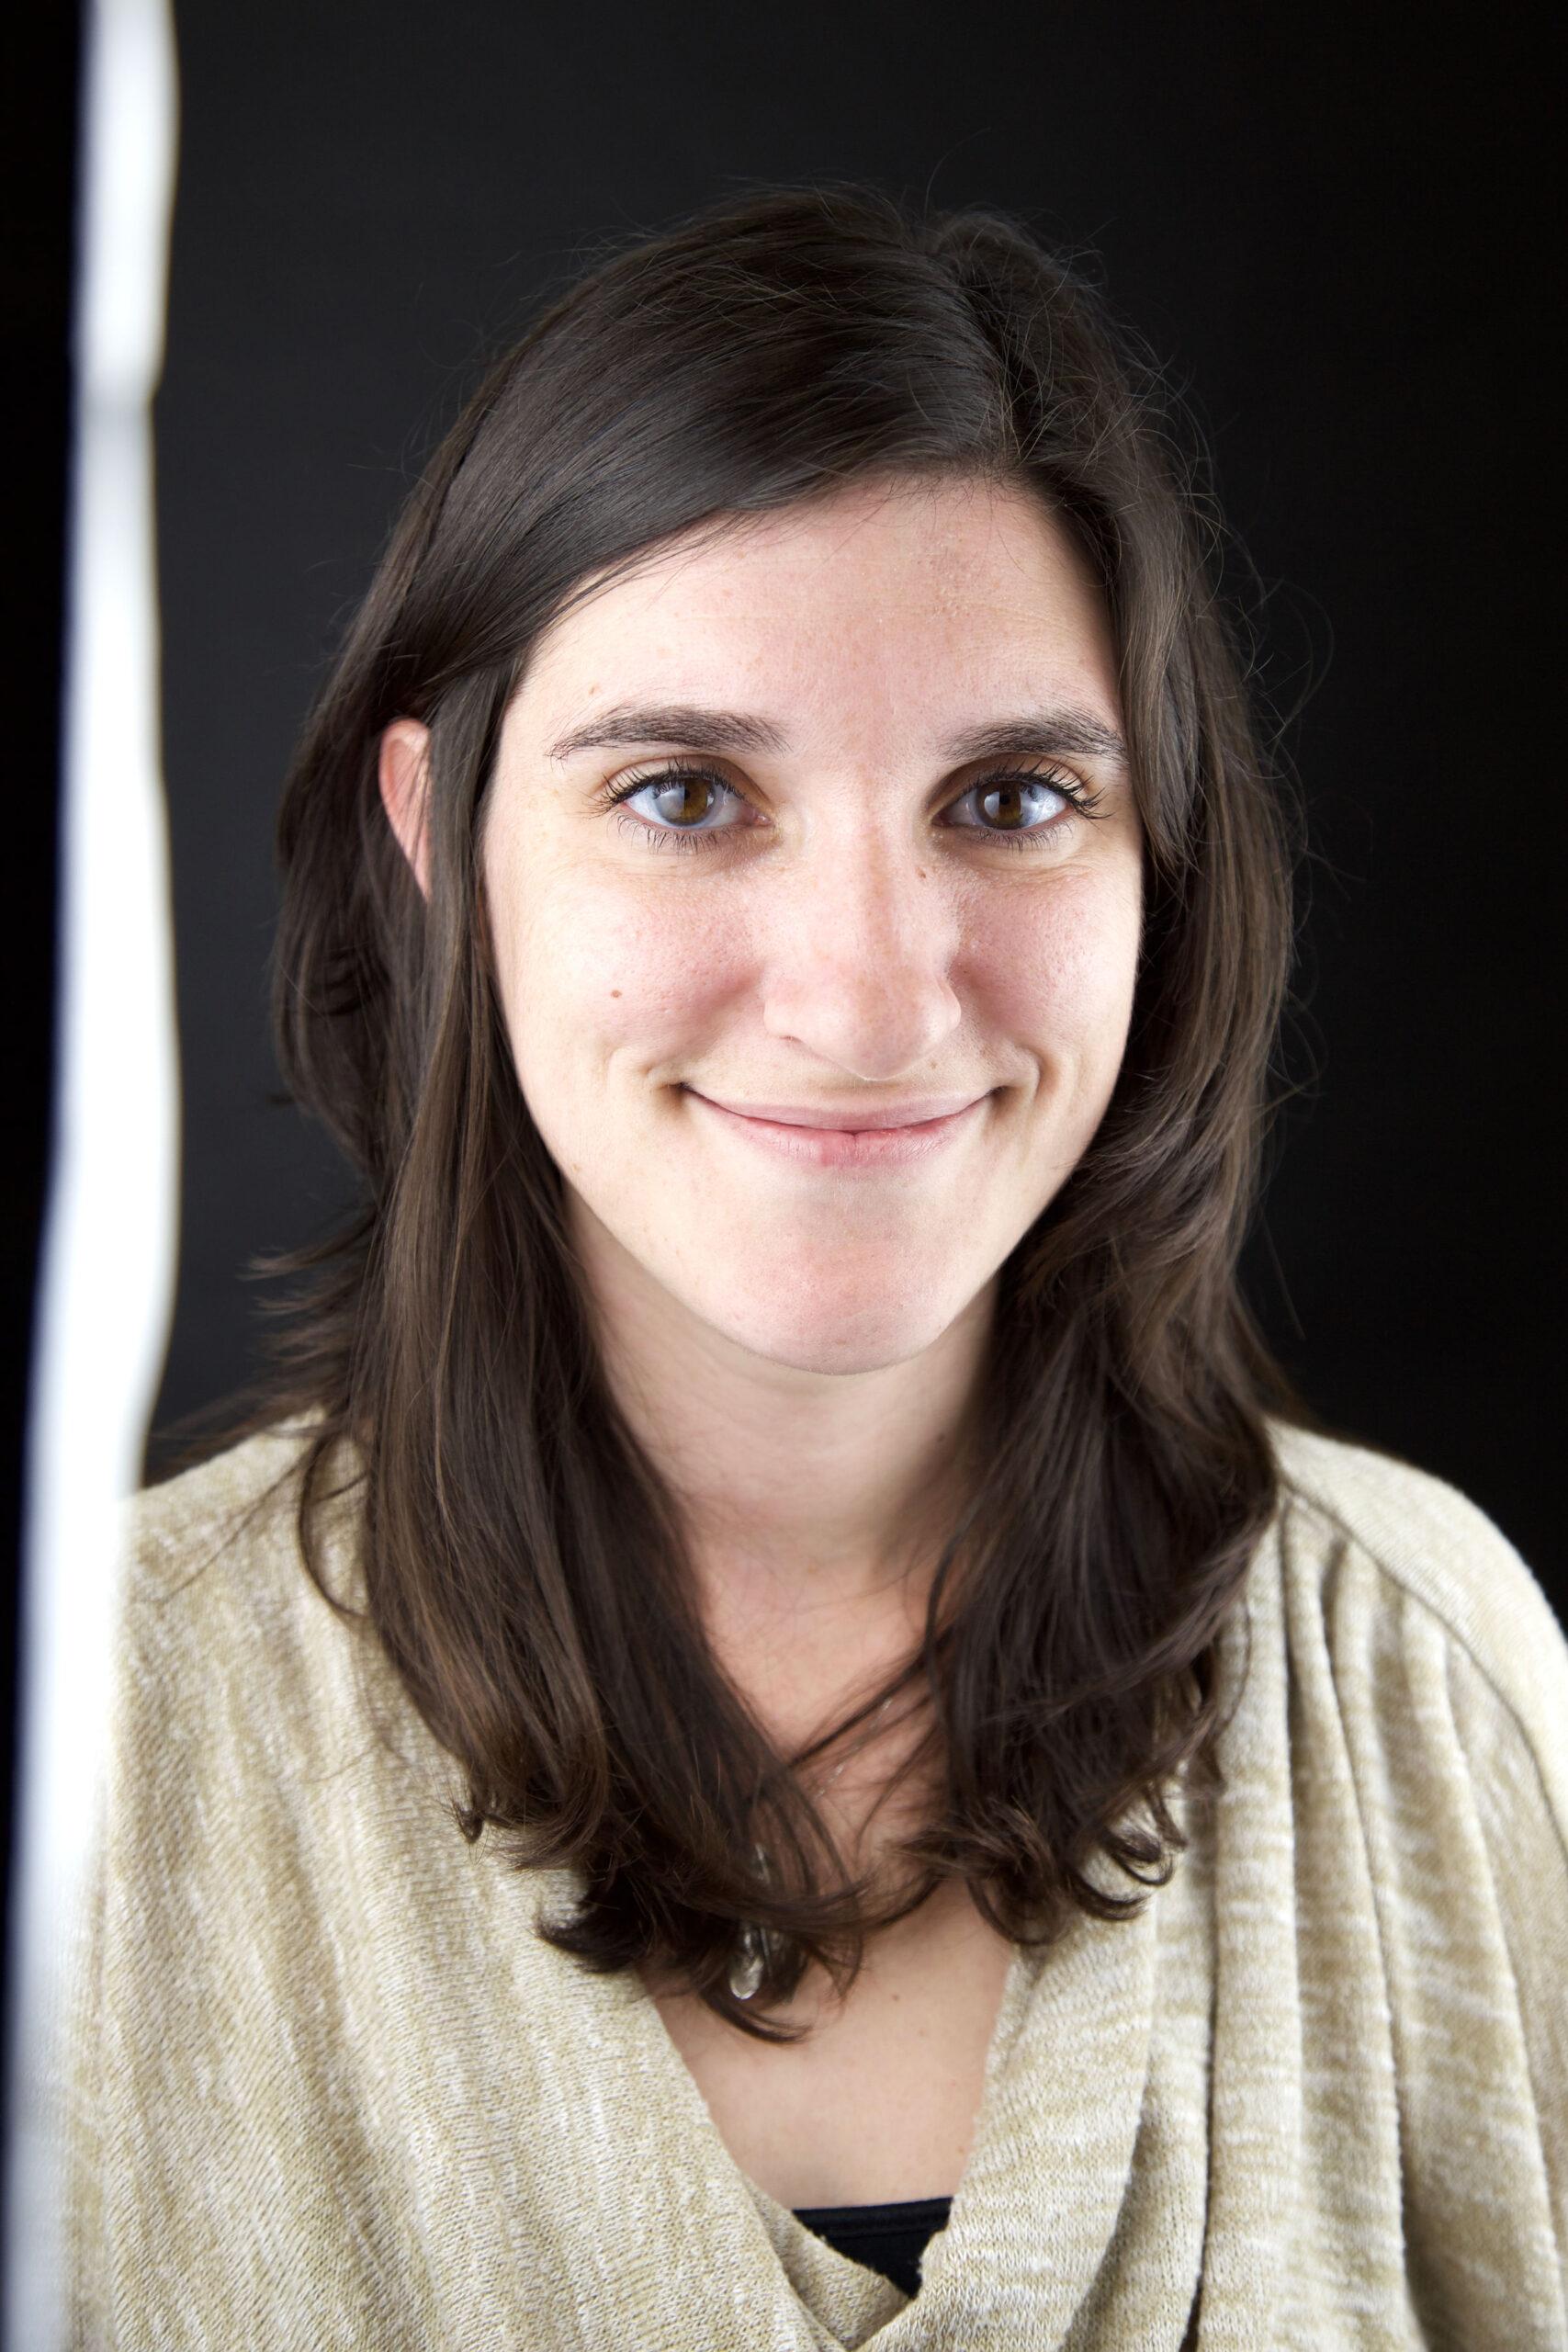 Danielle Werder